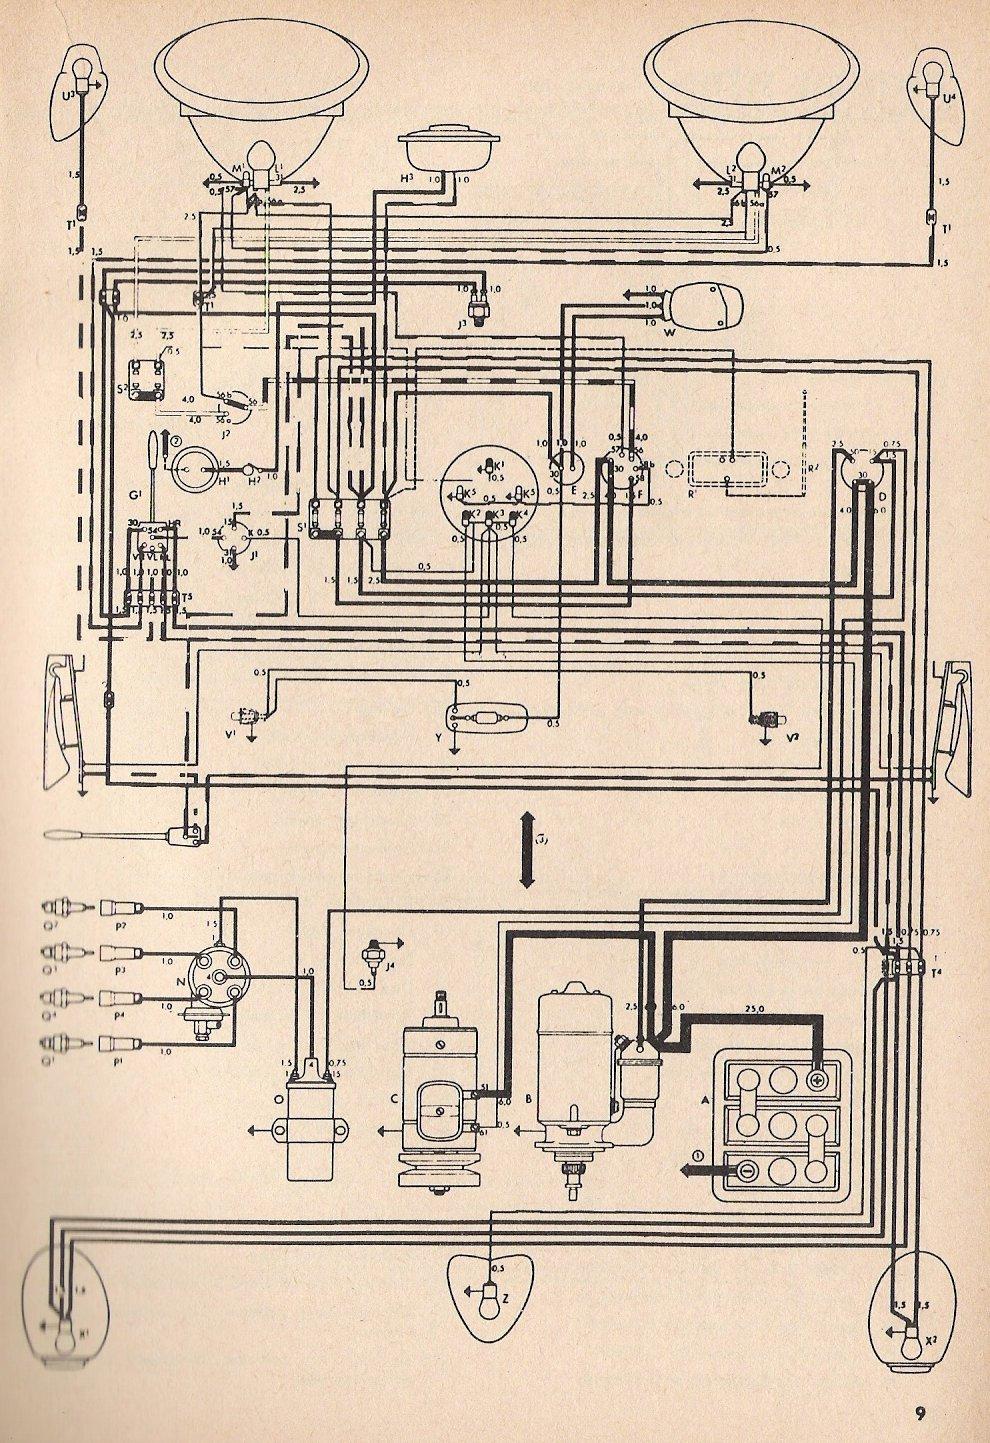 Thesamba :: Type 1 Wiring Diagrams - 1973 Vw Beetle Wiring Diagram